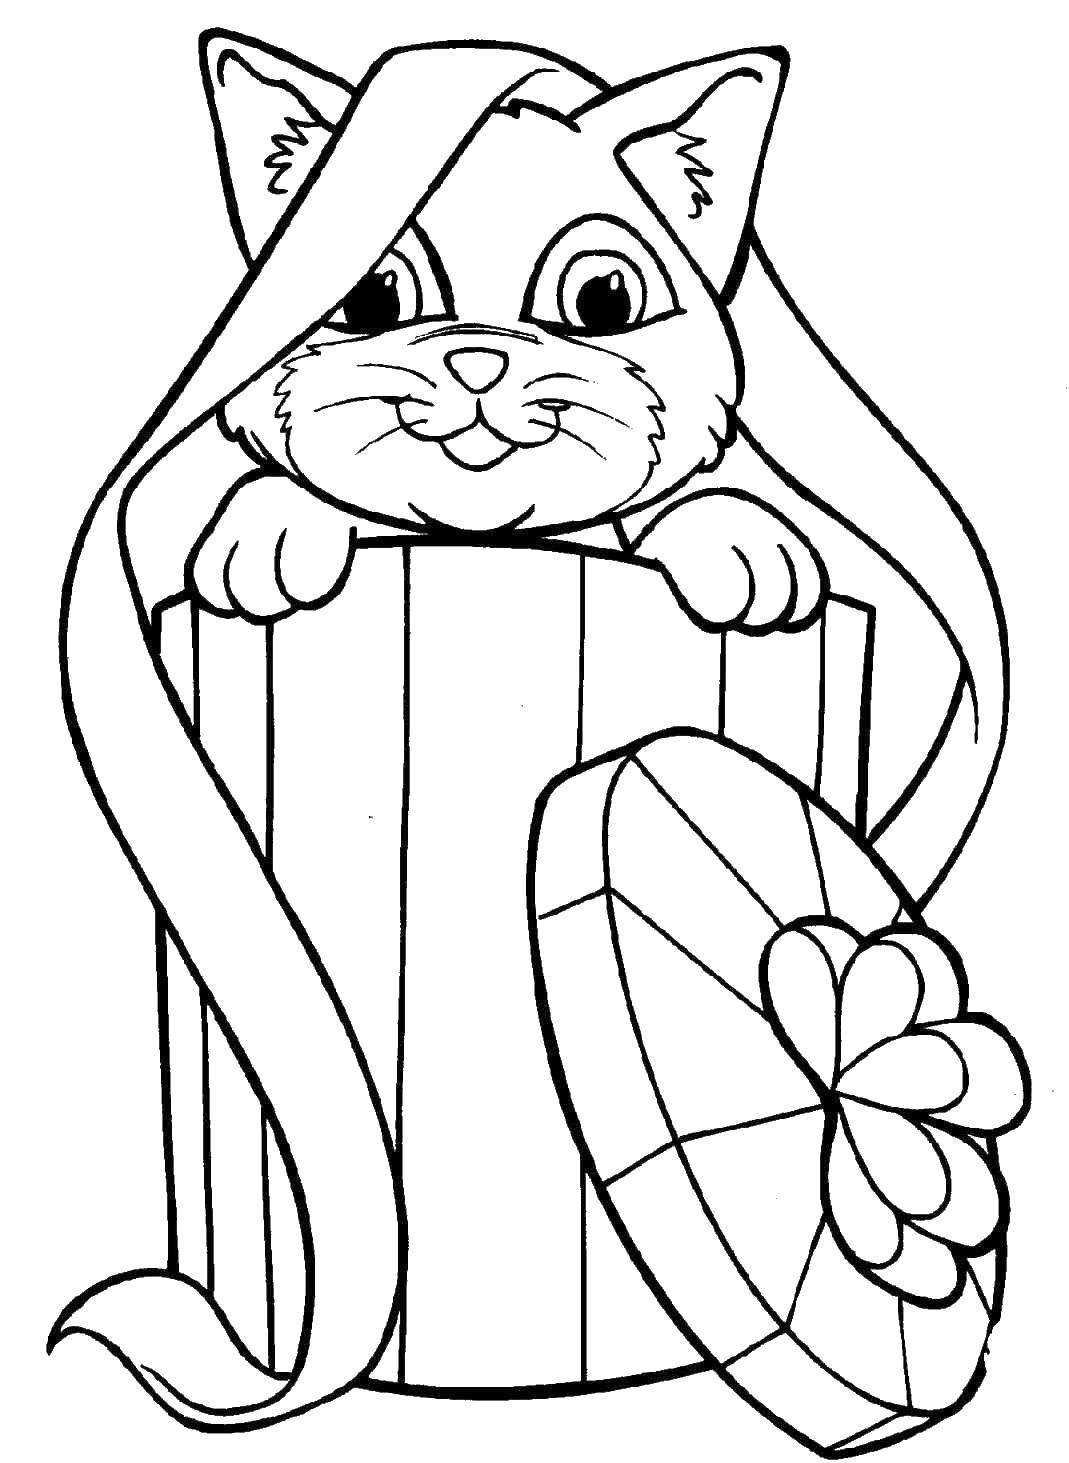 Раскраска Кошка в коробке. Скачать кошки, коробка, бантик.  Распечатать ,Коты и котята,